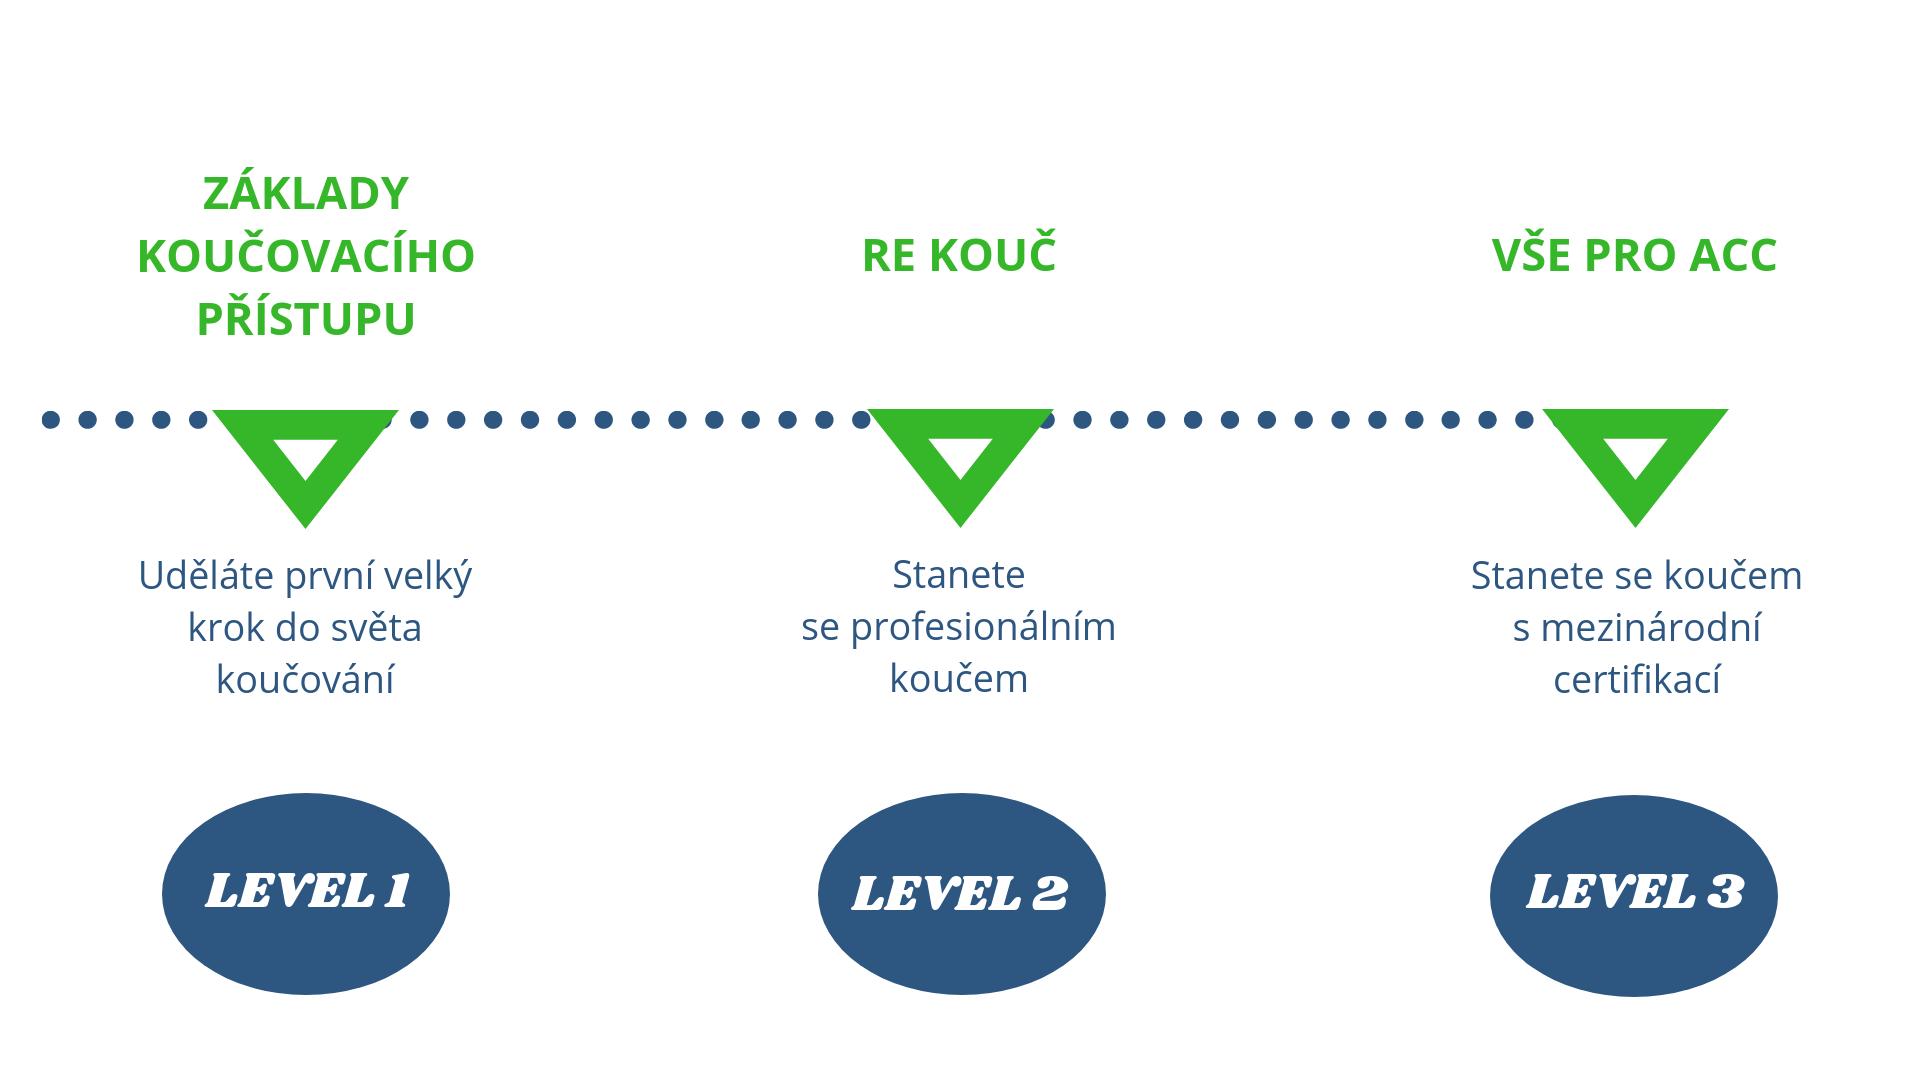 3 levely kurzů koučování